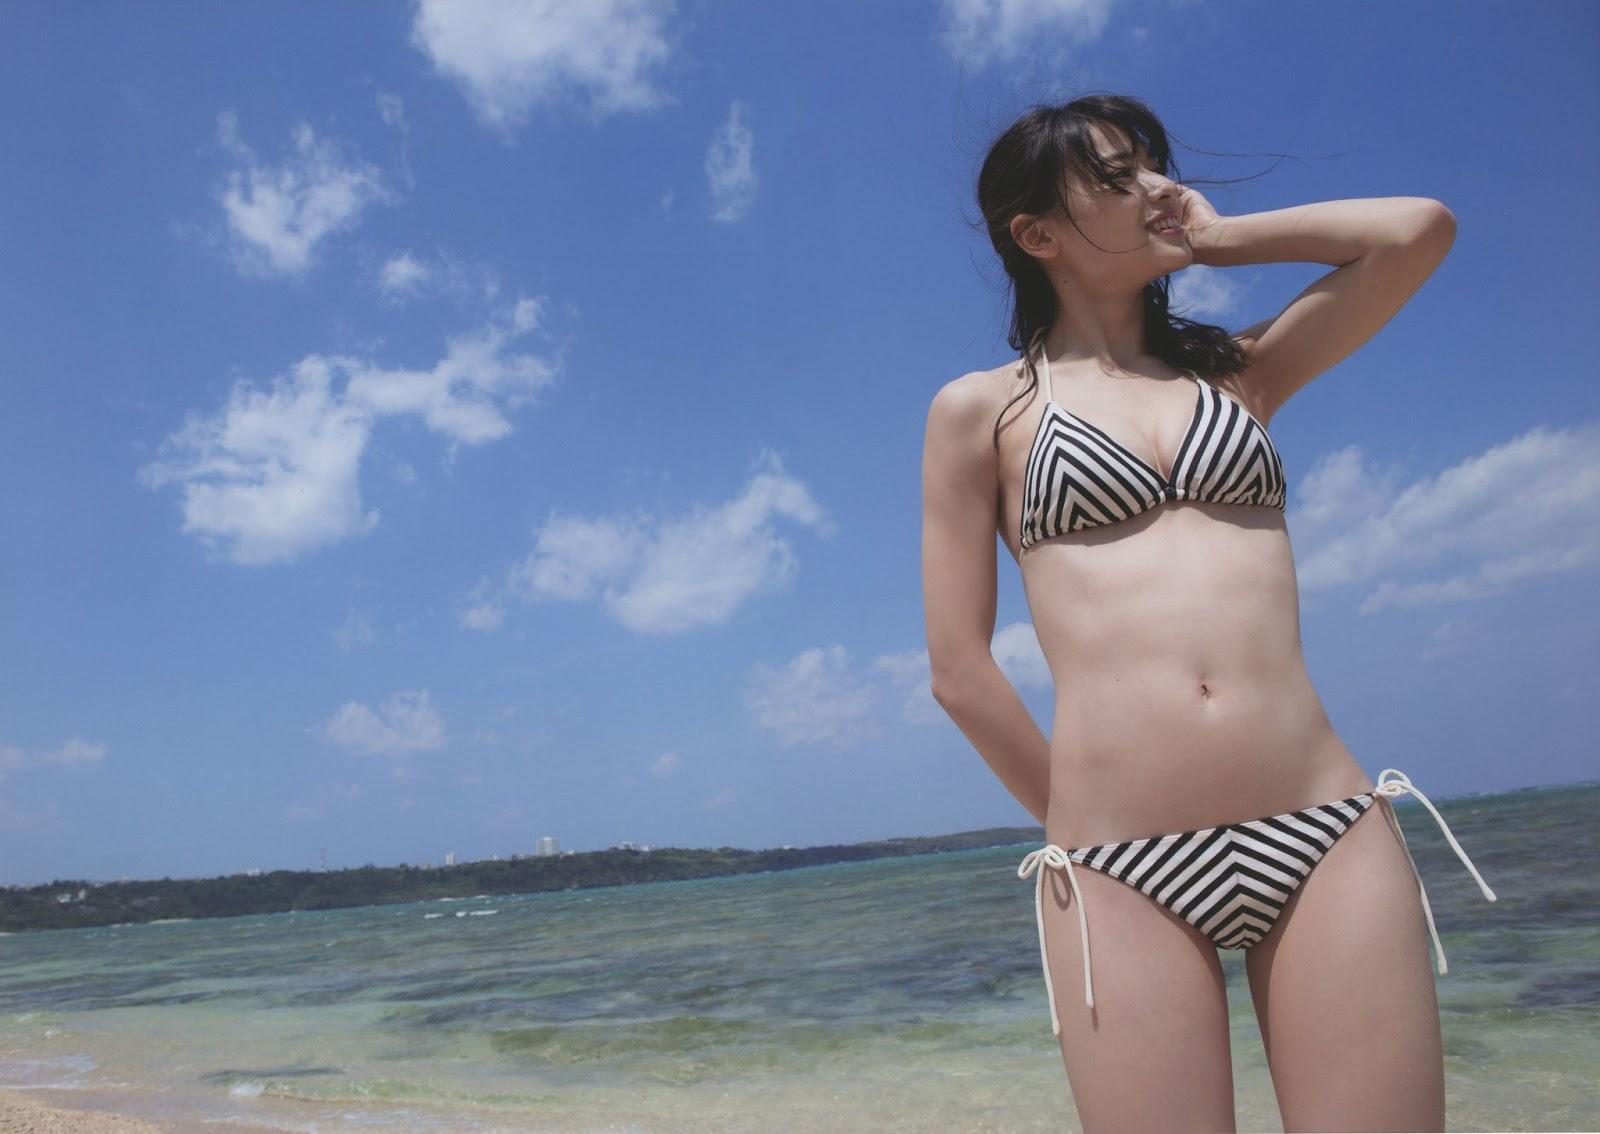 写真集「Nobody knows 23」の撮影でビキニの水着を着た矢島舞美